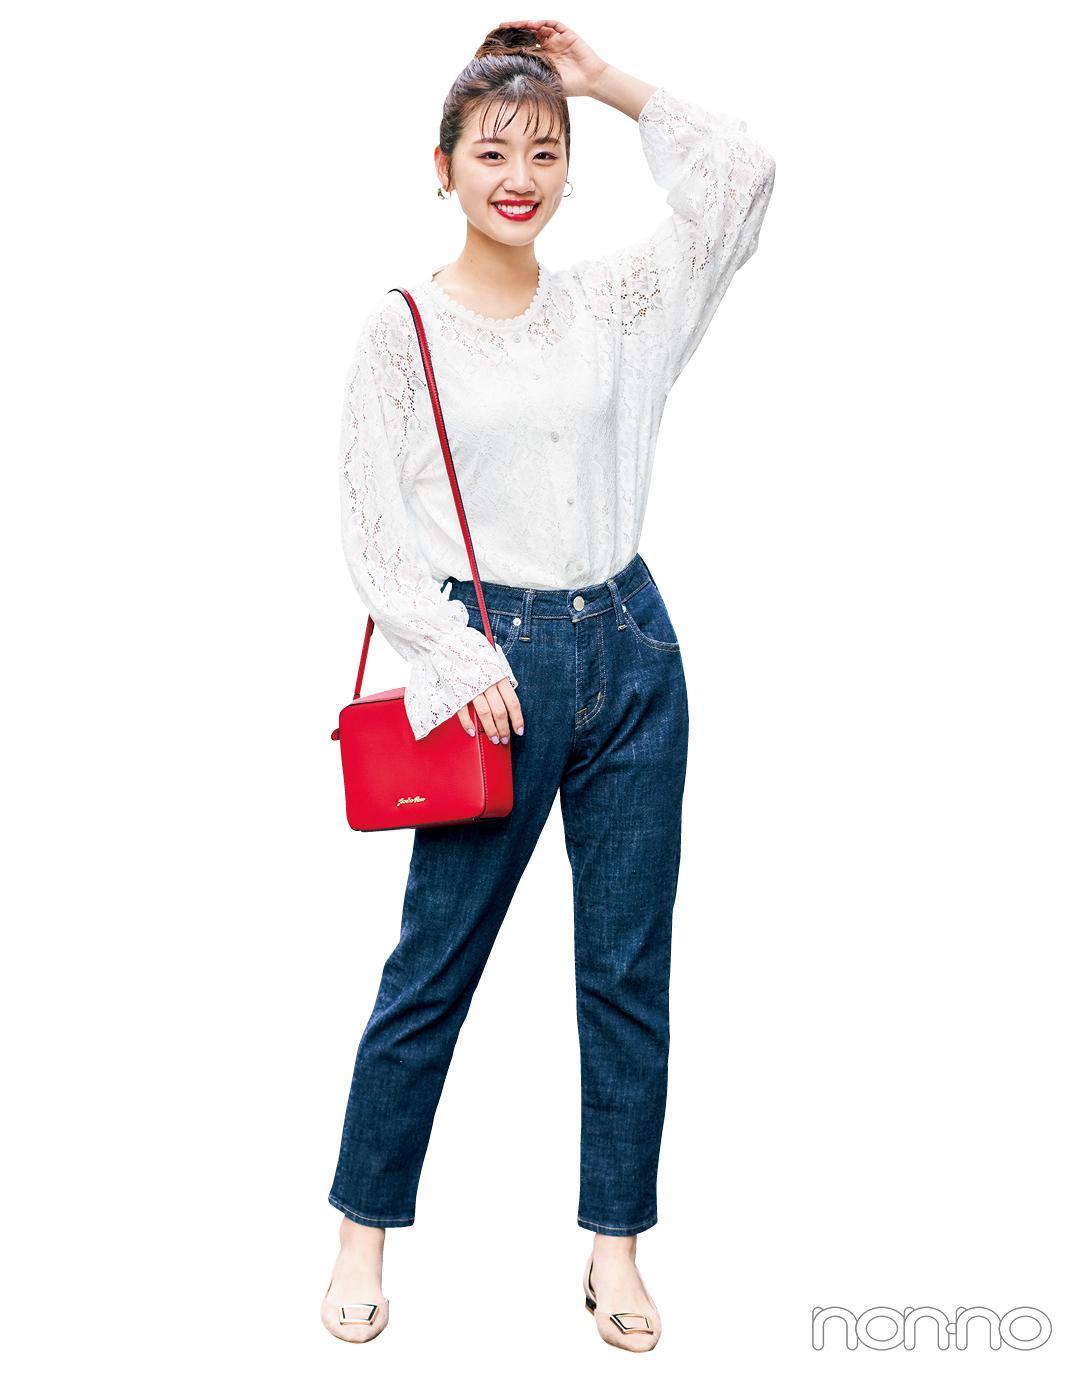 【大学生のための着倒しアイテム】甘めの白ブラウスはここまで使える!_1_8